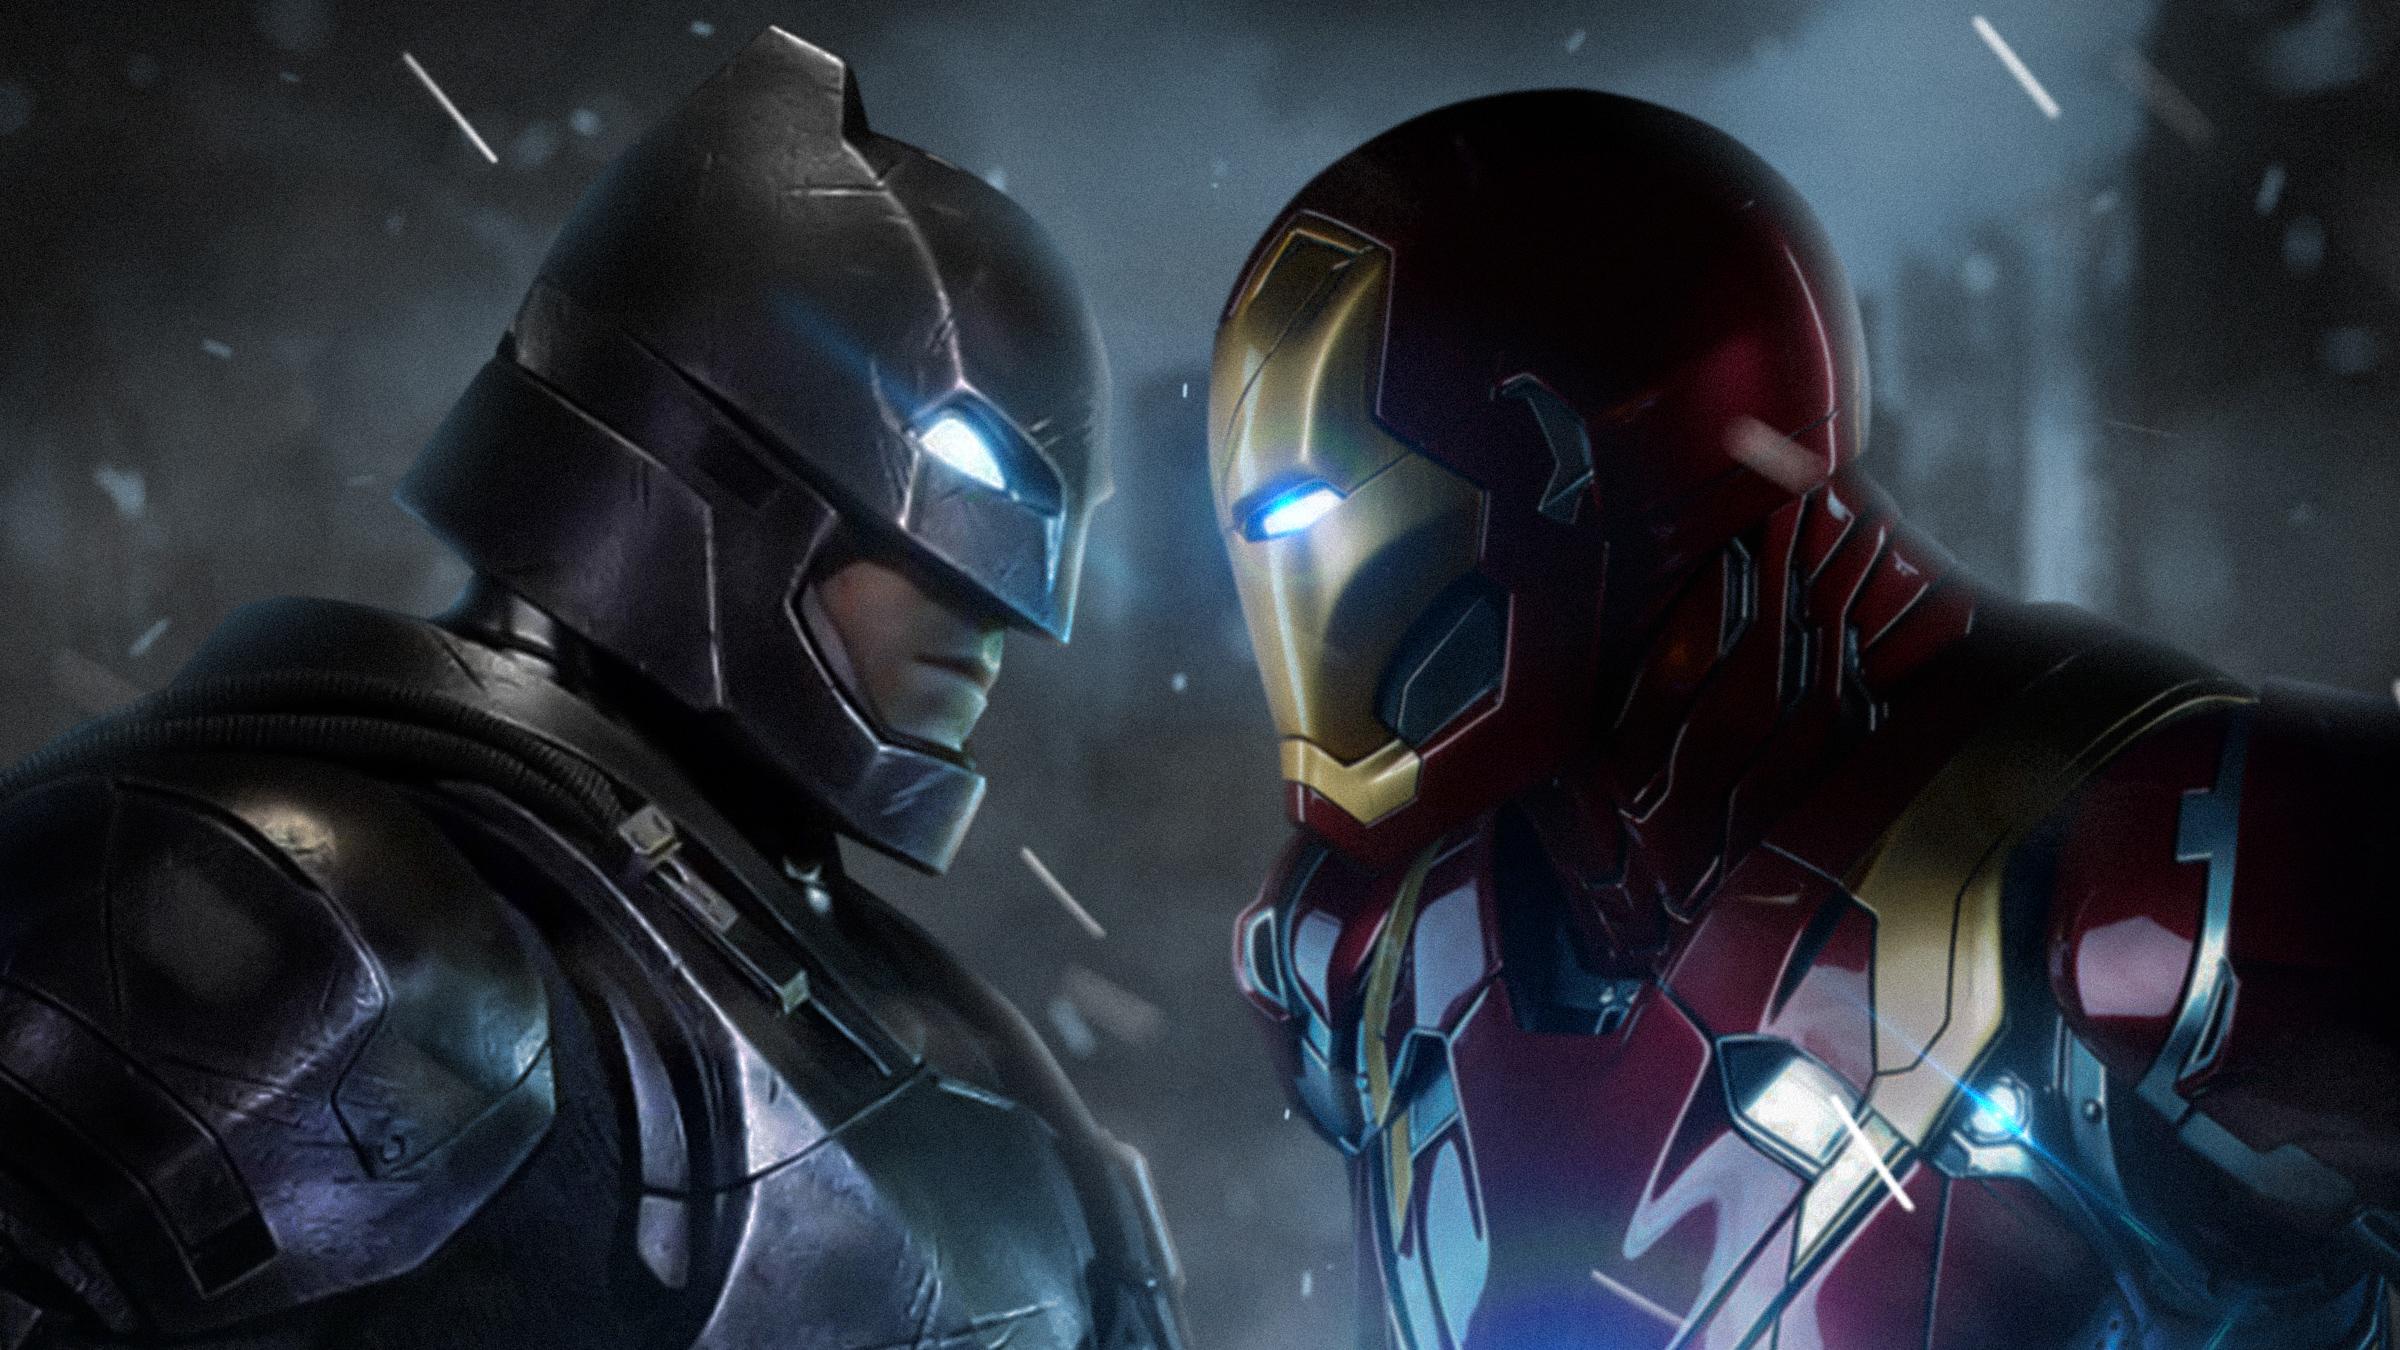 Batman Vs Iron Man Wallpapers Wallpaper Cave